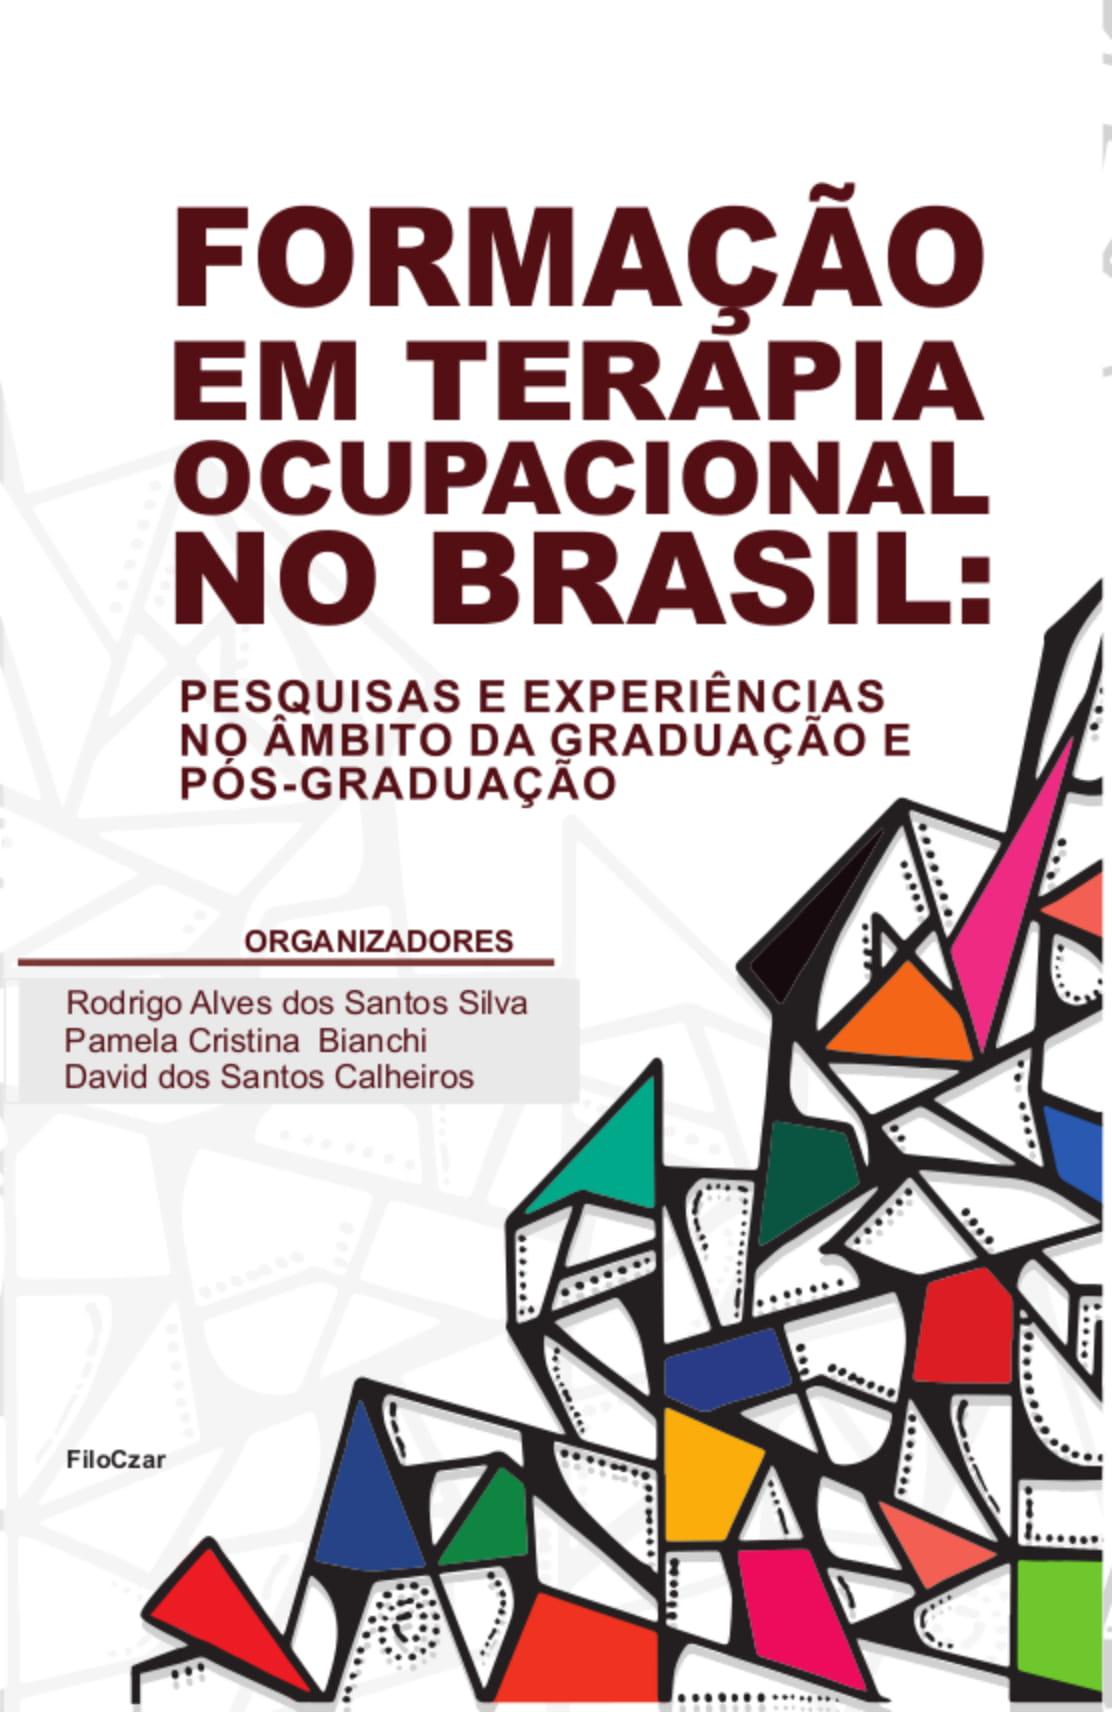 Formação em Terapia Ocupacional no Brasil: pesquisas e experiências no âmbito da graduação e pós-graduação  - LiteraRUA